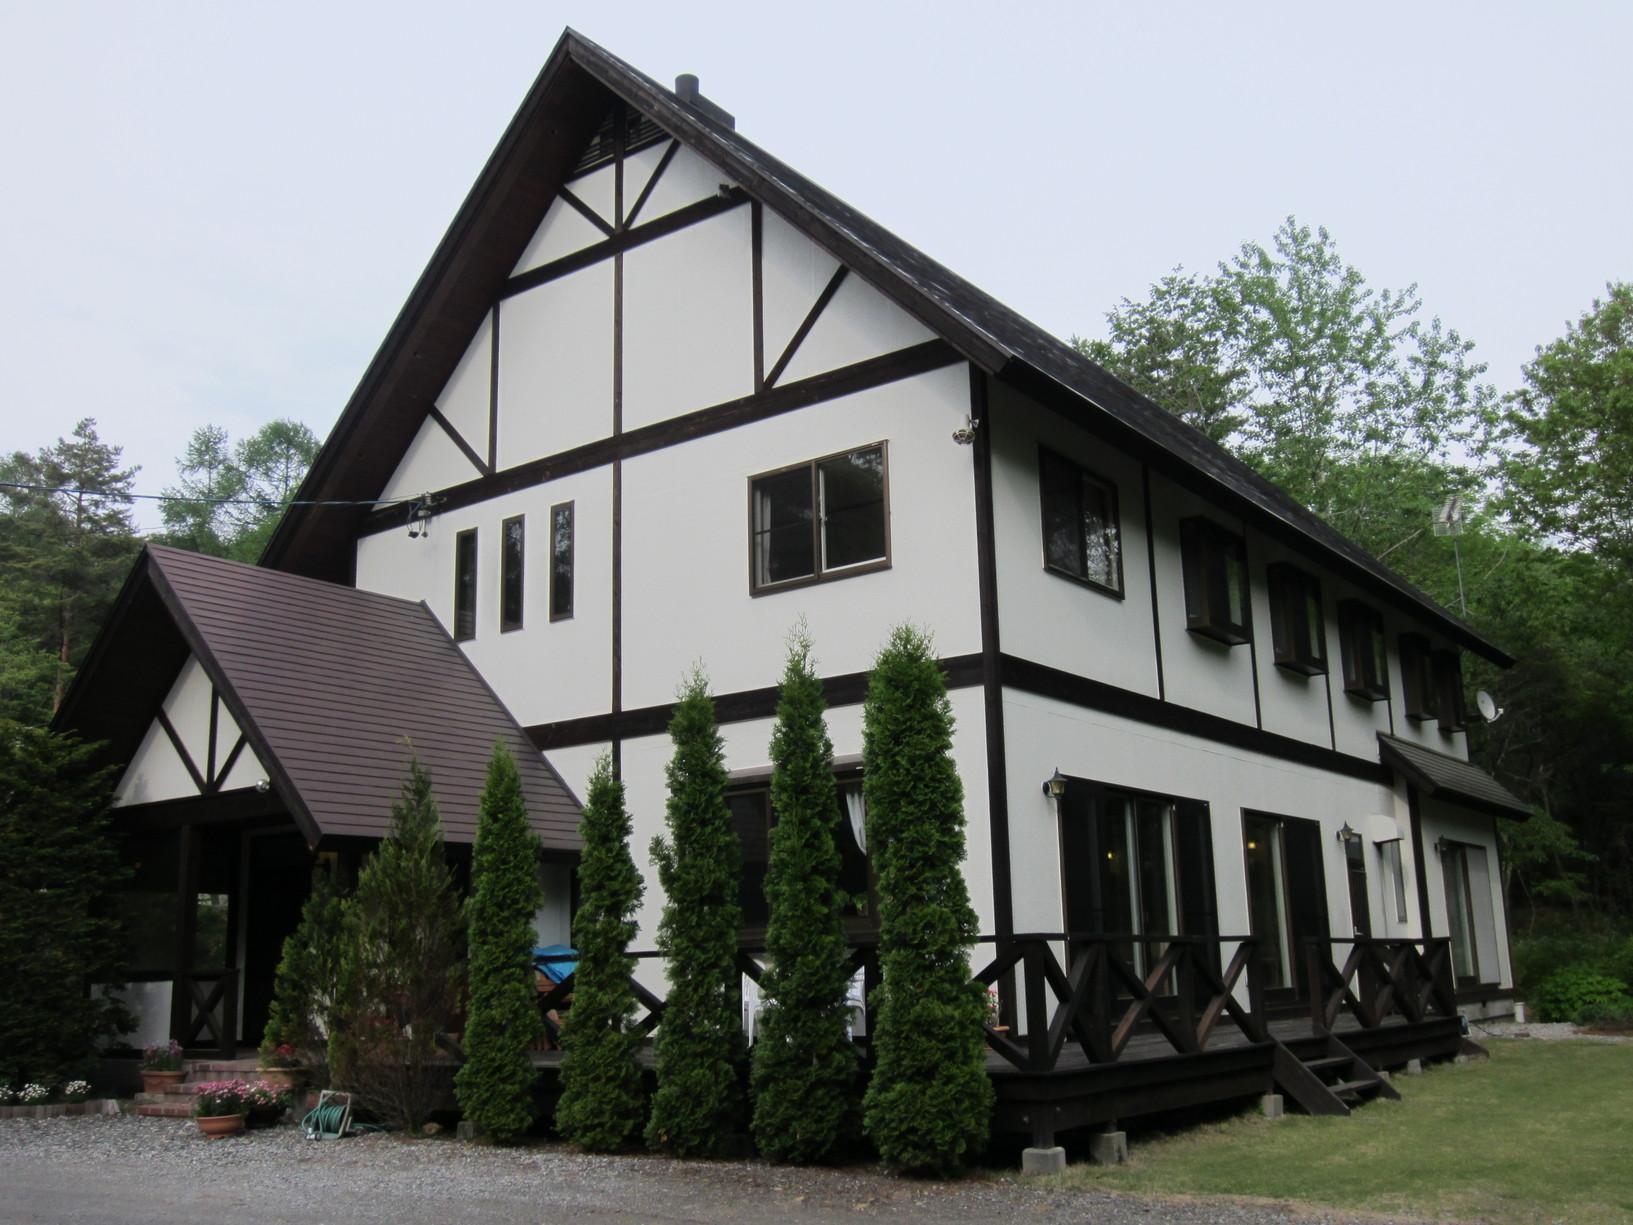 ヴァルトハウス